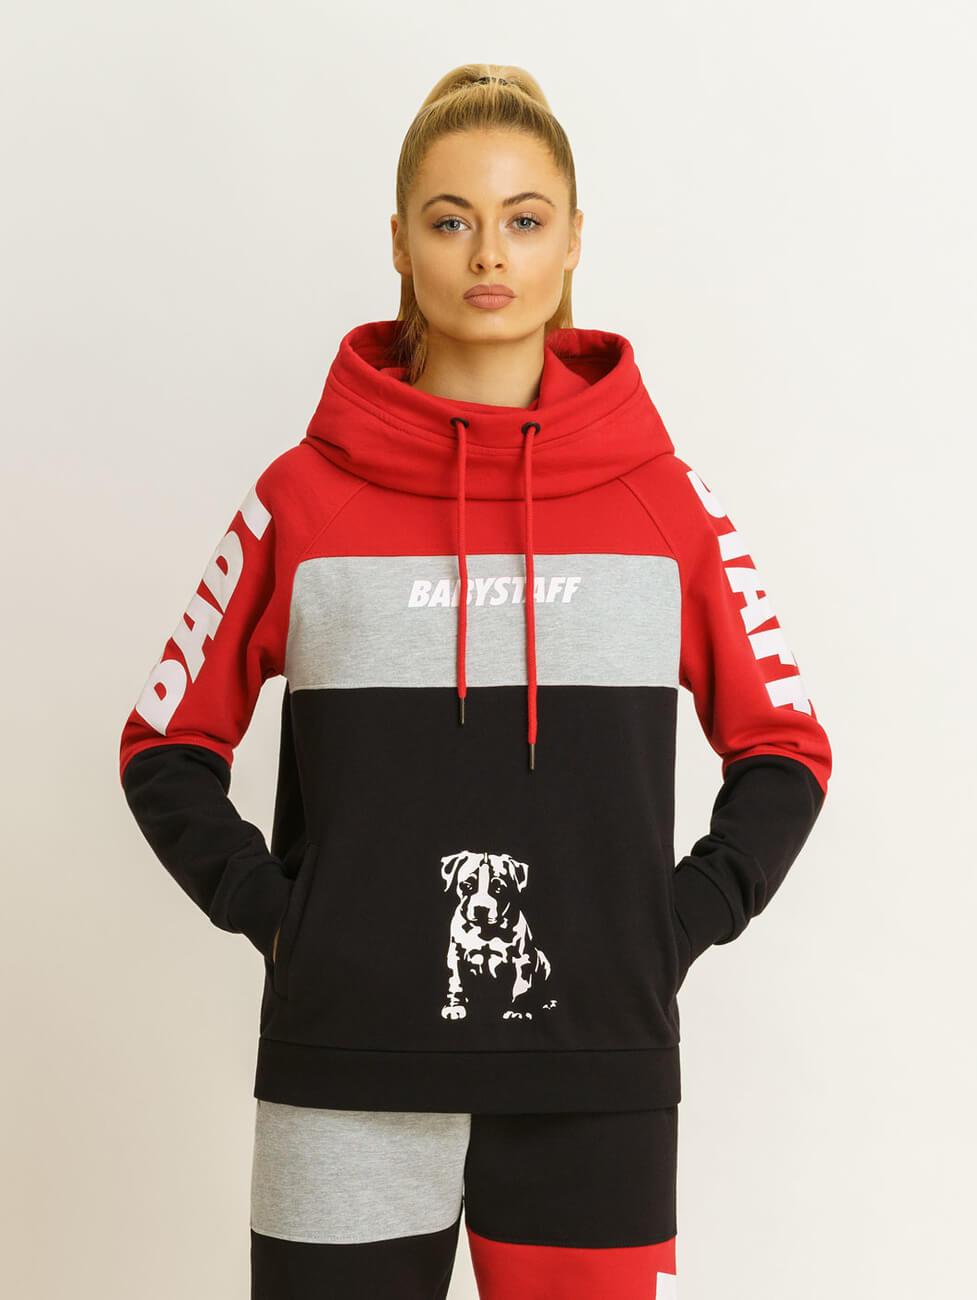 Красно черный спортивный костюм женский Амстафф Babystaff Aruna red